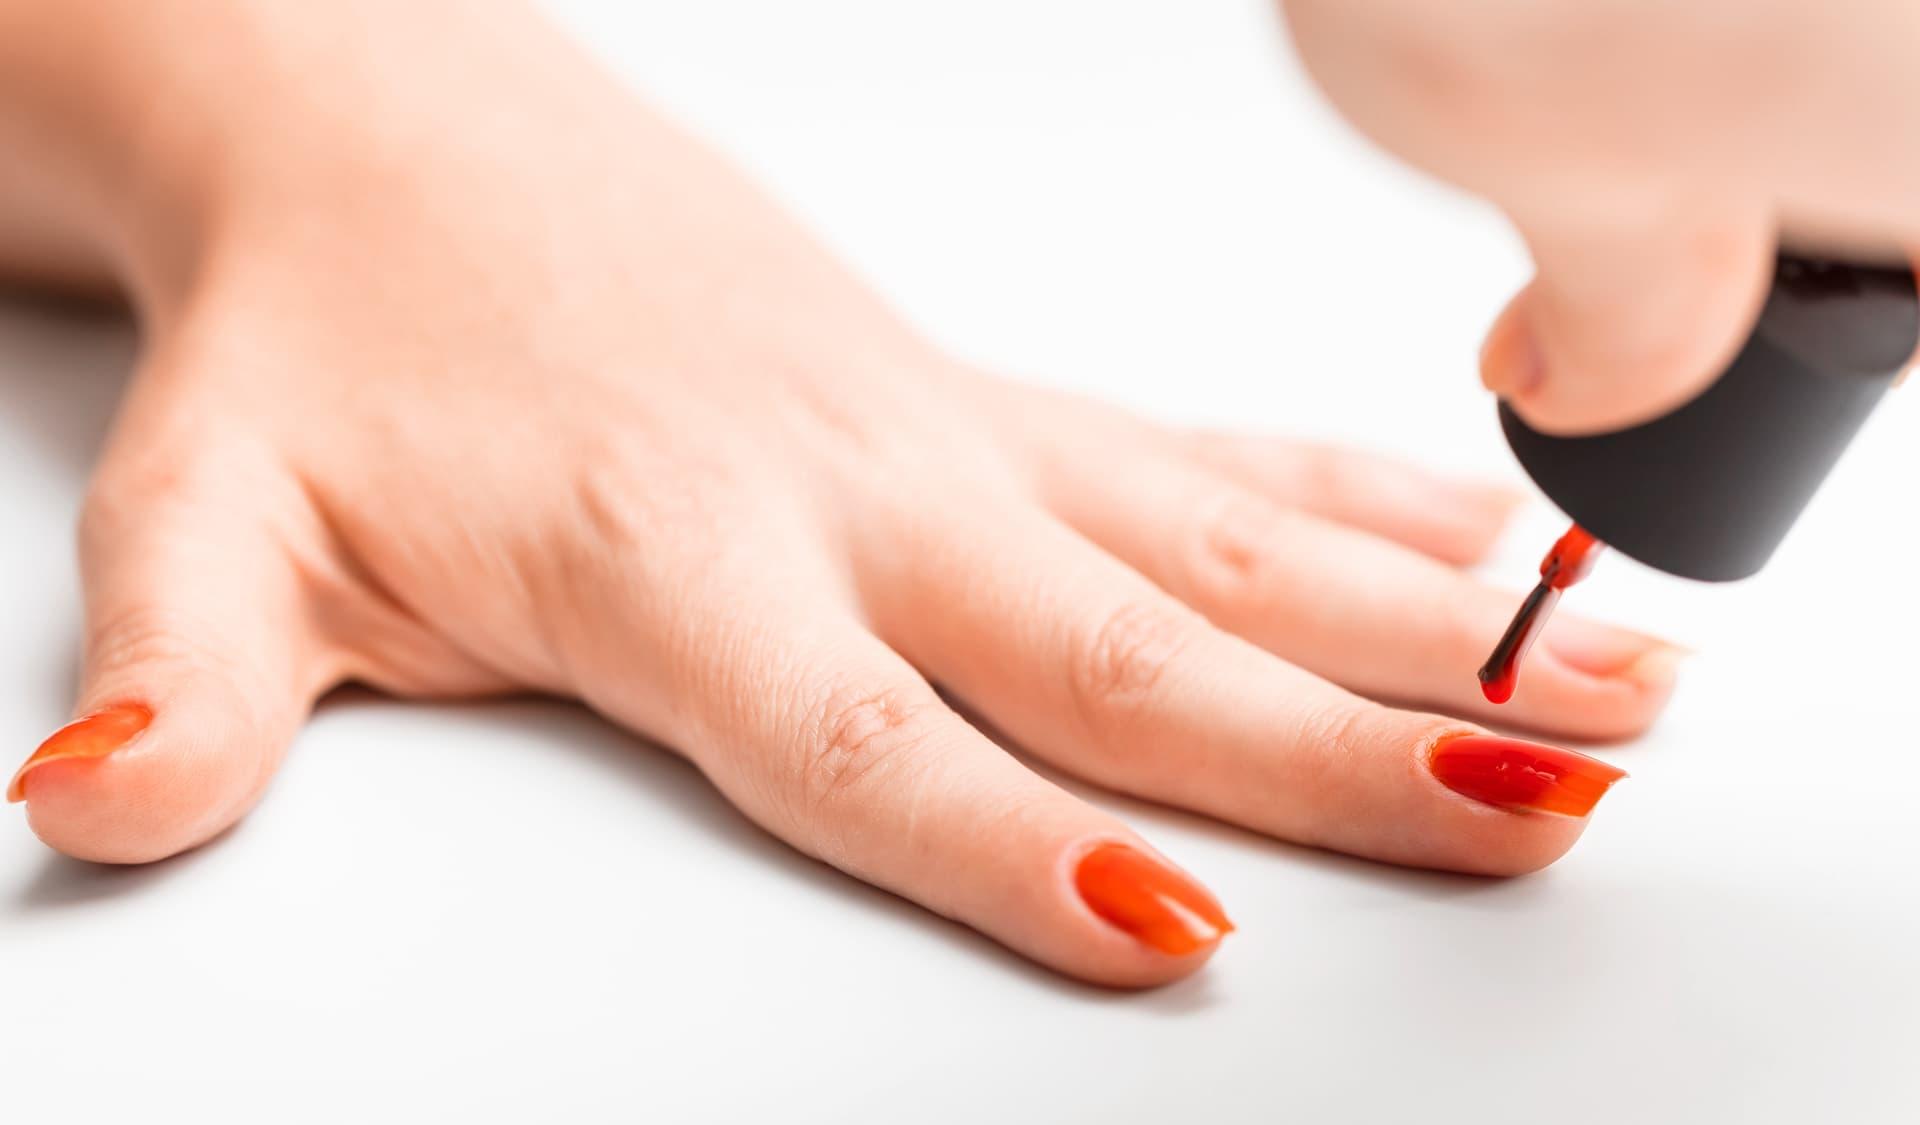 Eine Hand mit rot lackierten Nägeln.